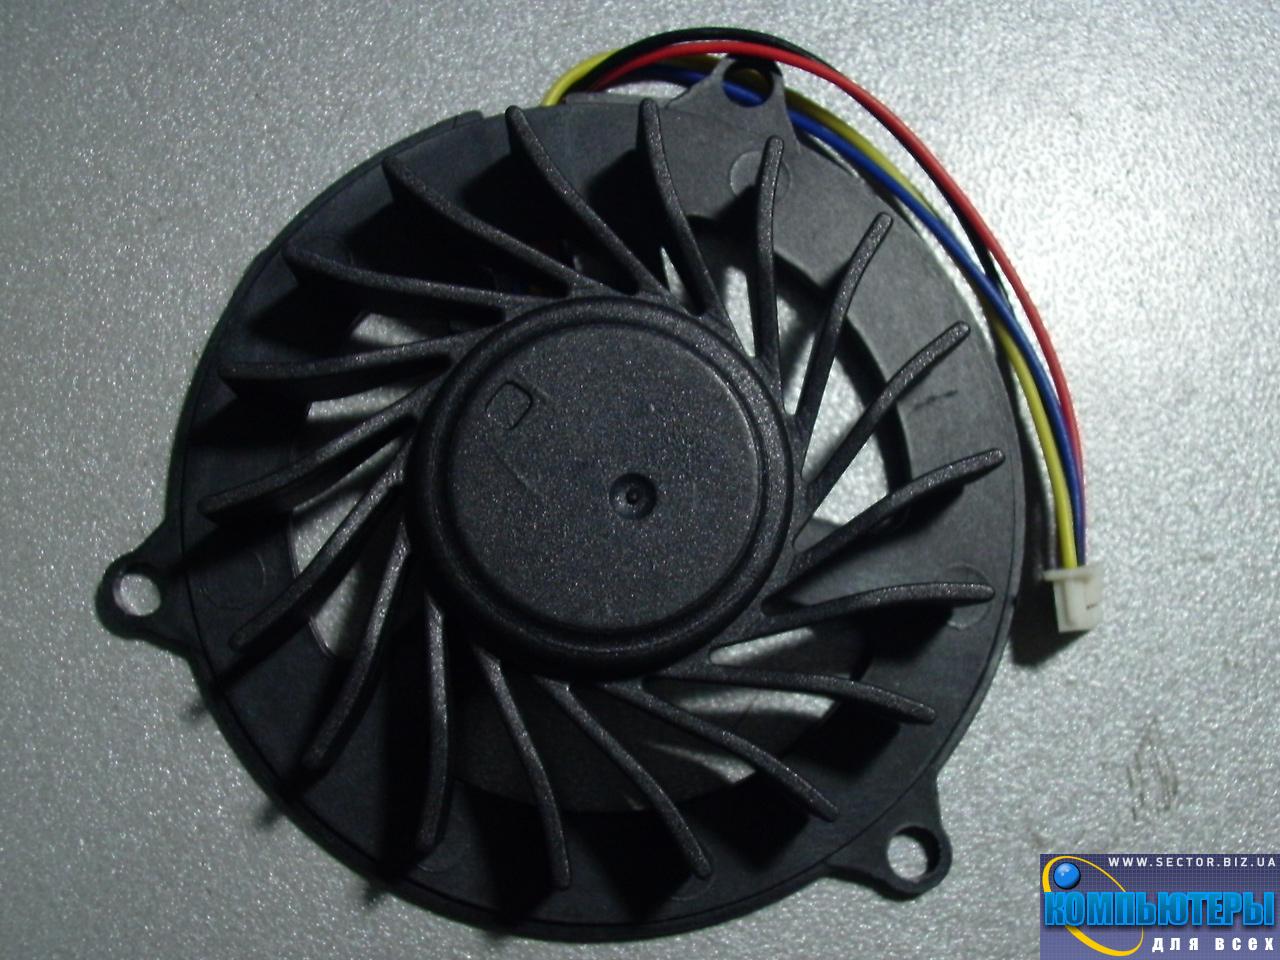 Кулер к ноутбуку Dell Studio 1535 1536 1537 1555 1556 1557 1558 PP33L p/n: XS10N05YF05VBJ. Фото № 3.